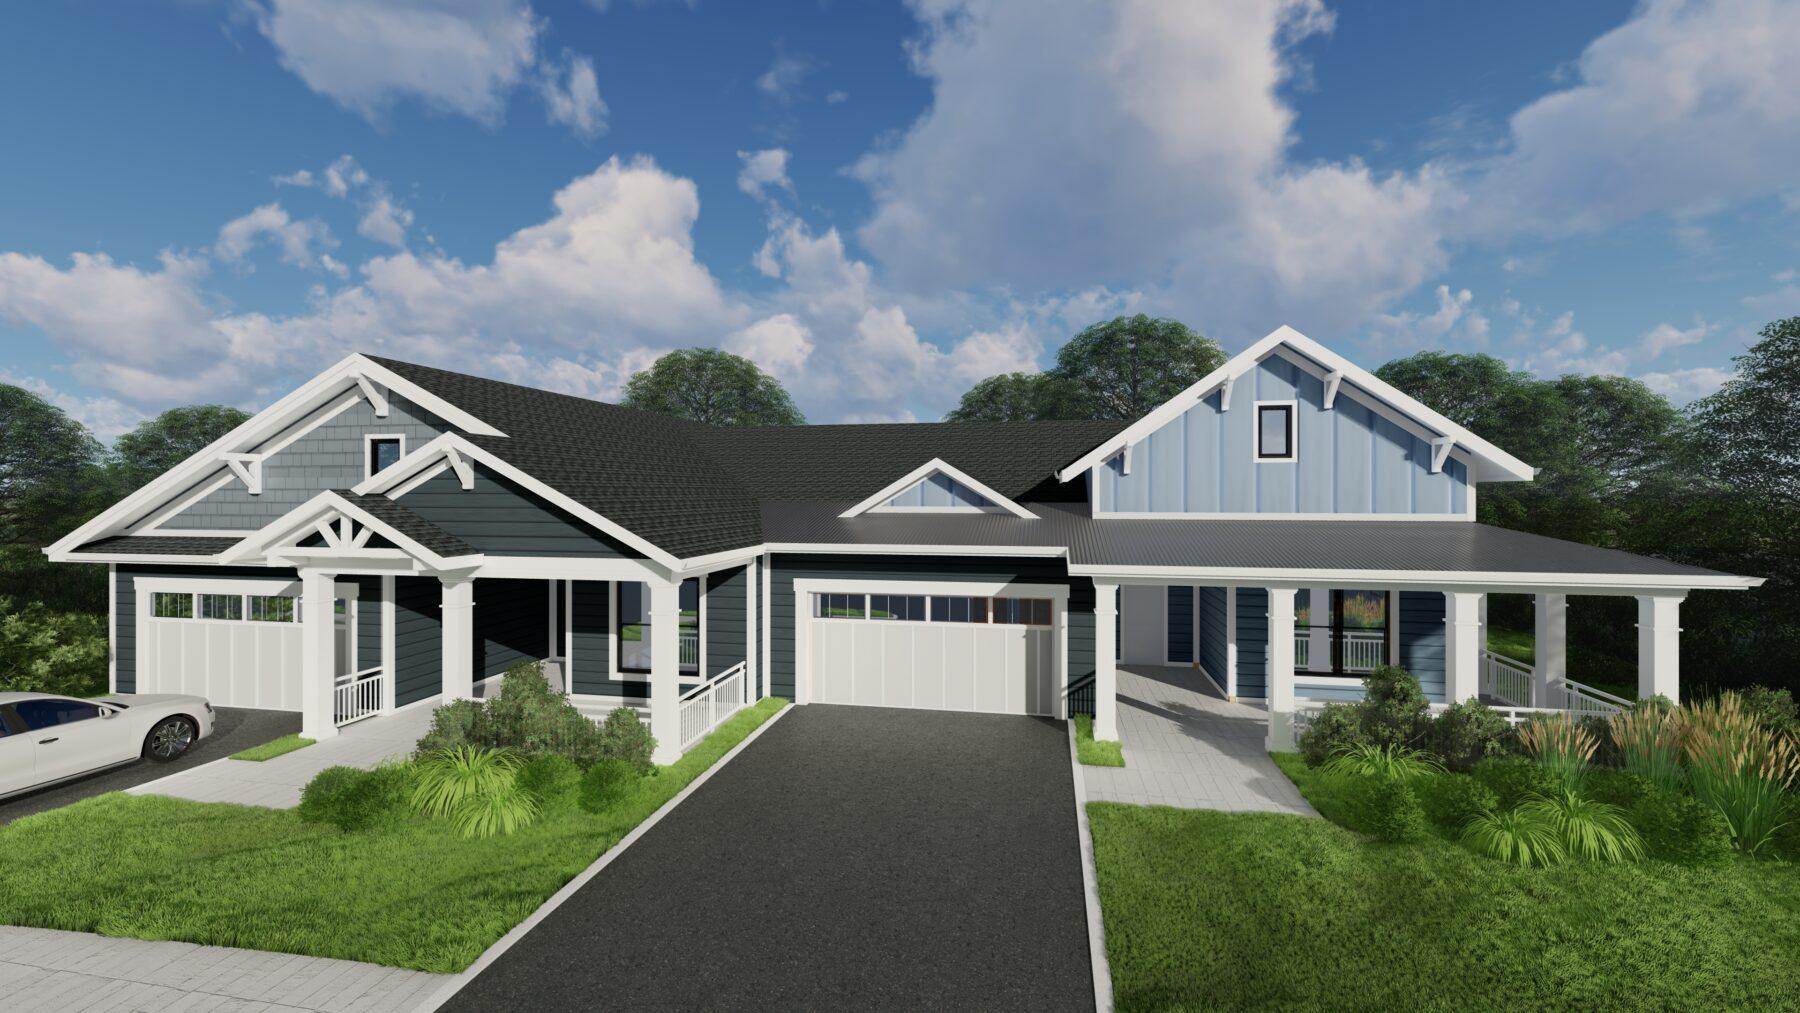 The Davis Community cottages